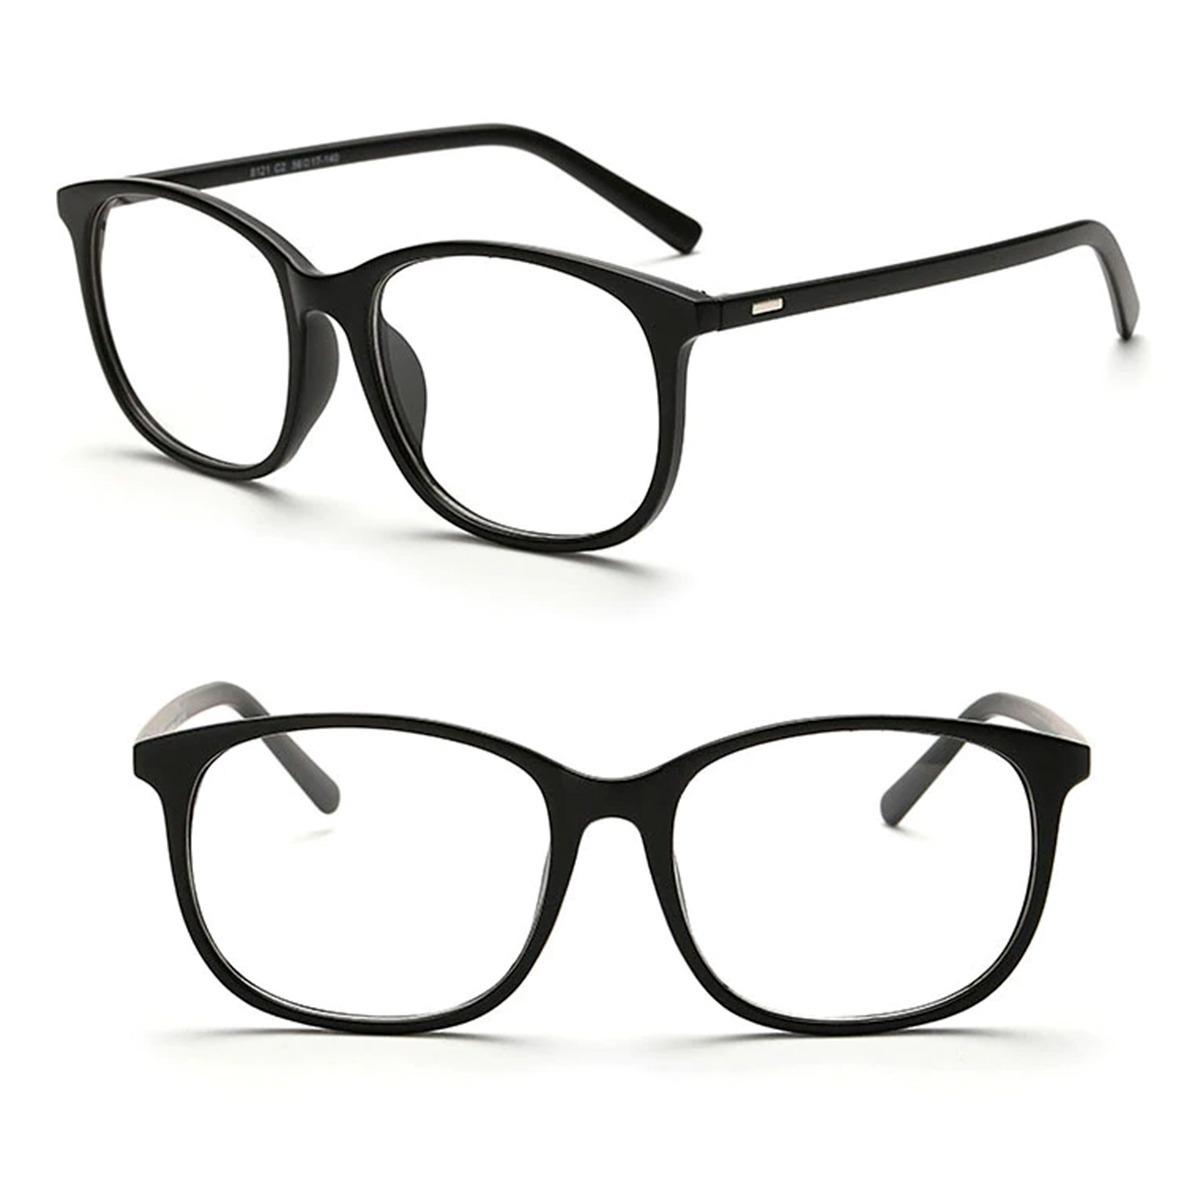 bdb95cc521eb9 armação óculos grau - grande geek retrô a pronta entrega. Carregando zoom.